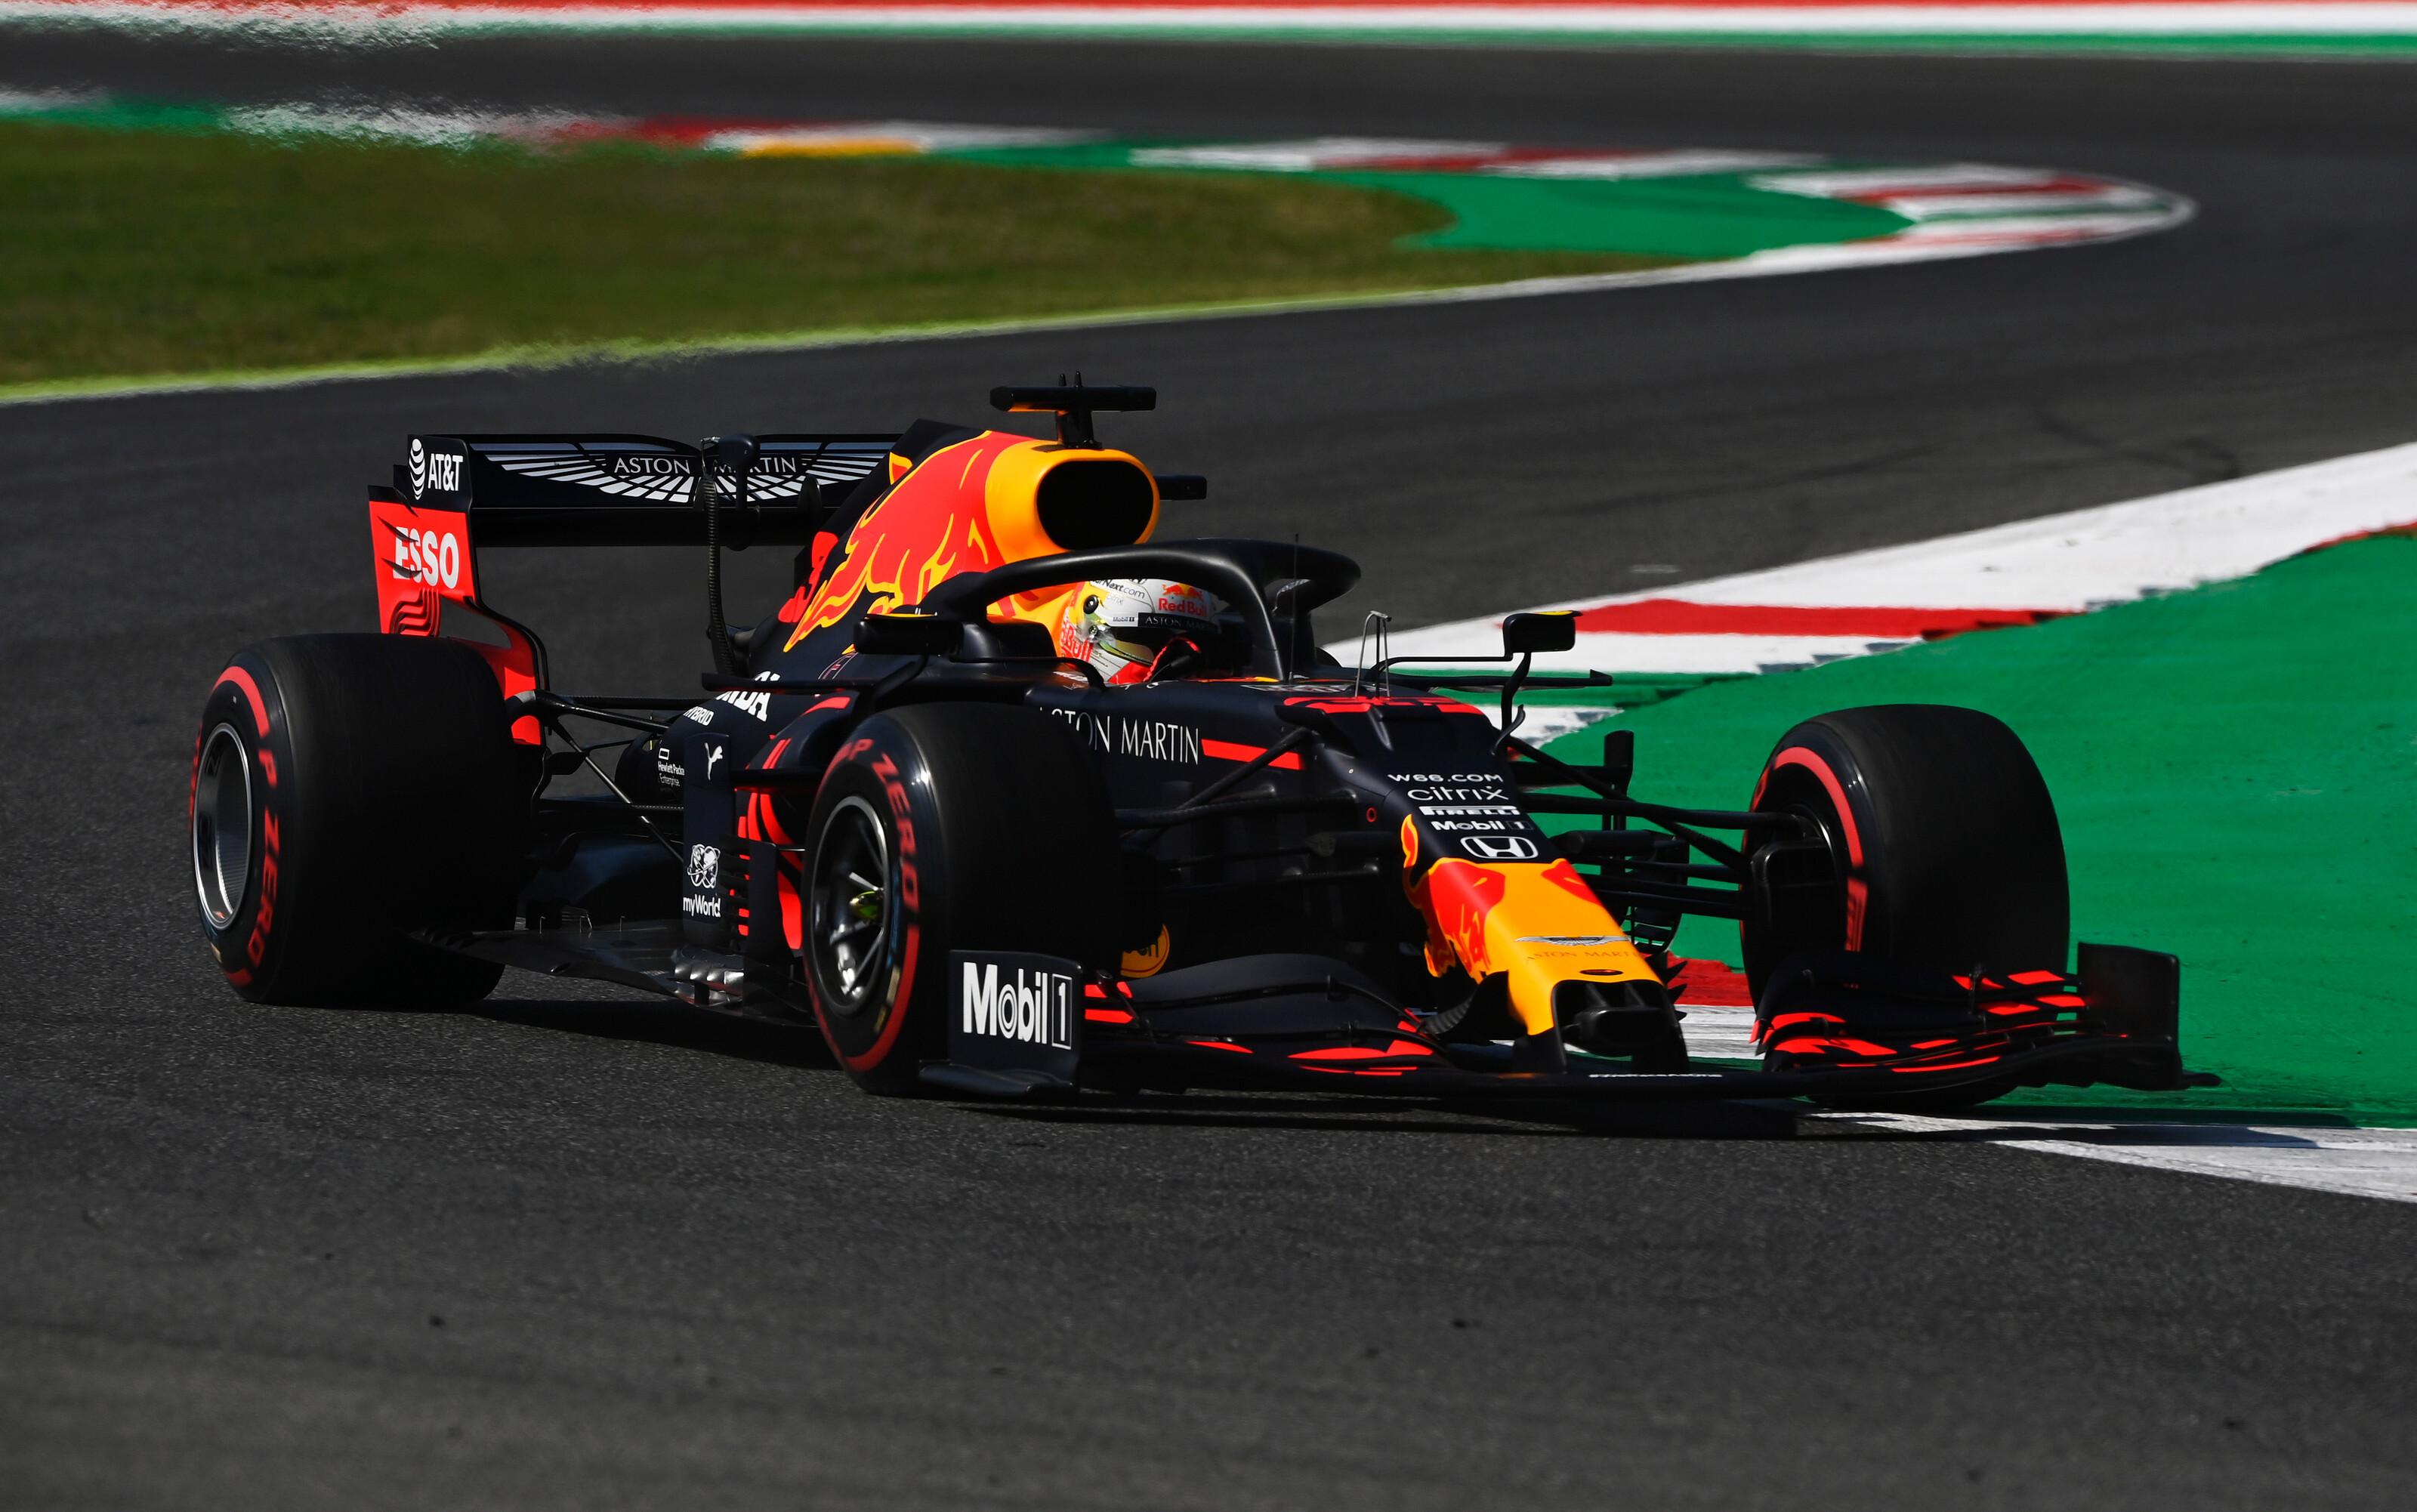 F1: Verstappen a piros zászlókkal tűzdelt második edzésen is tartotta a lépést a Mercedesekkel